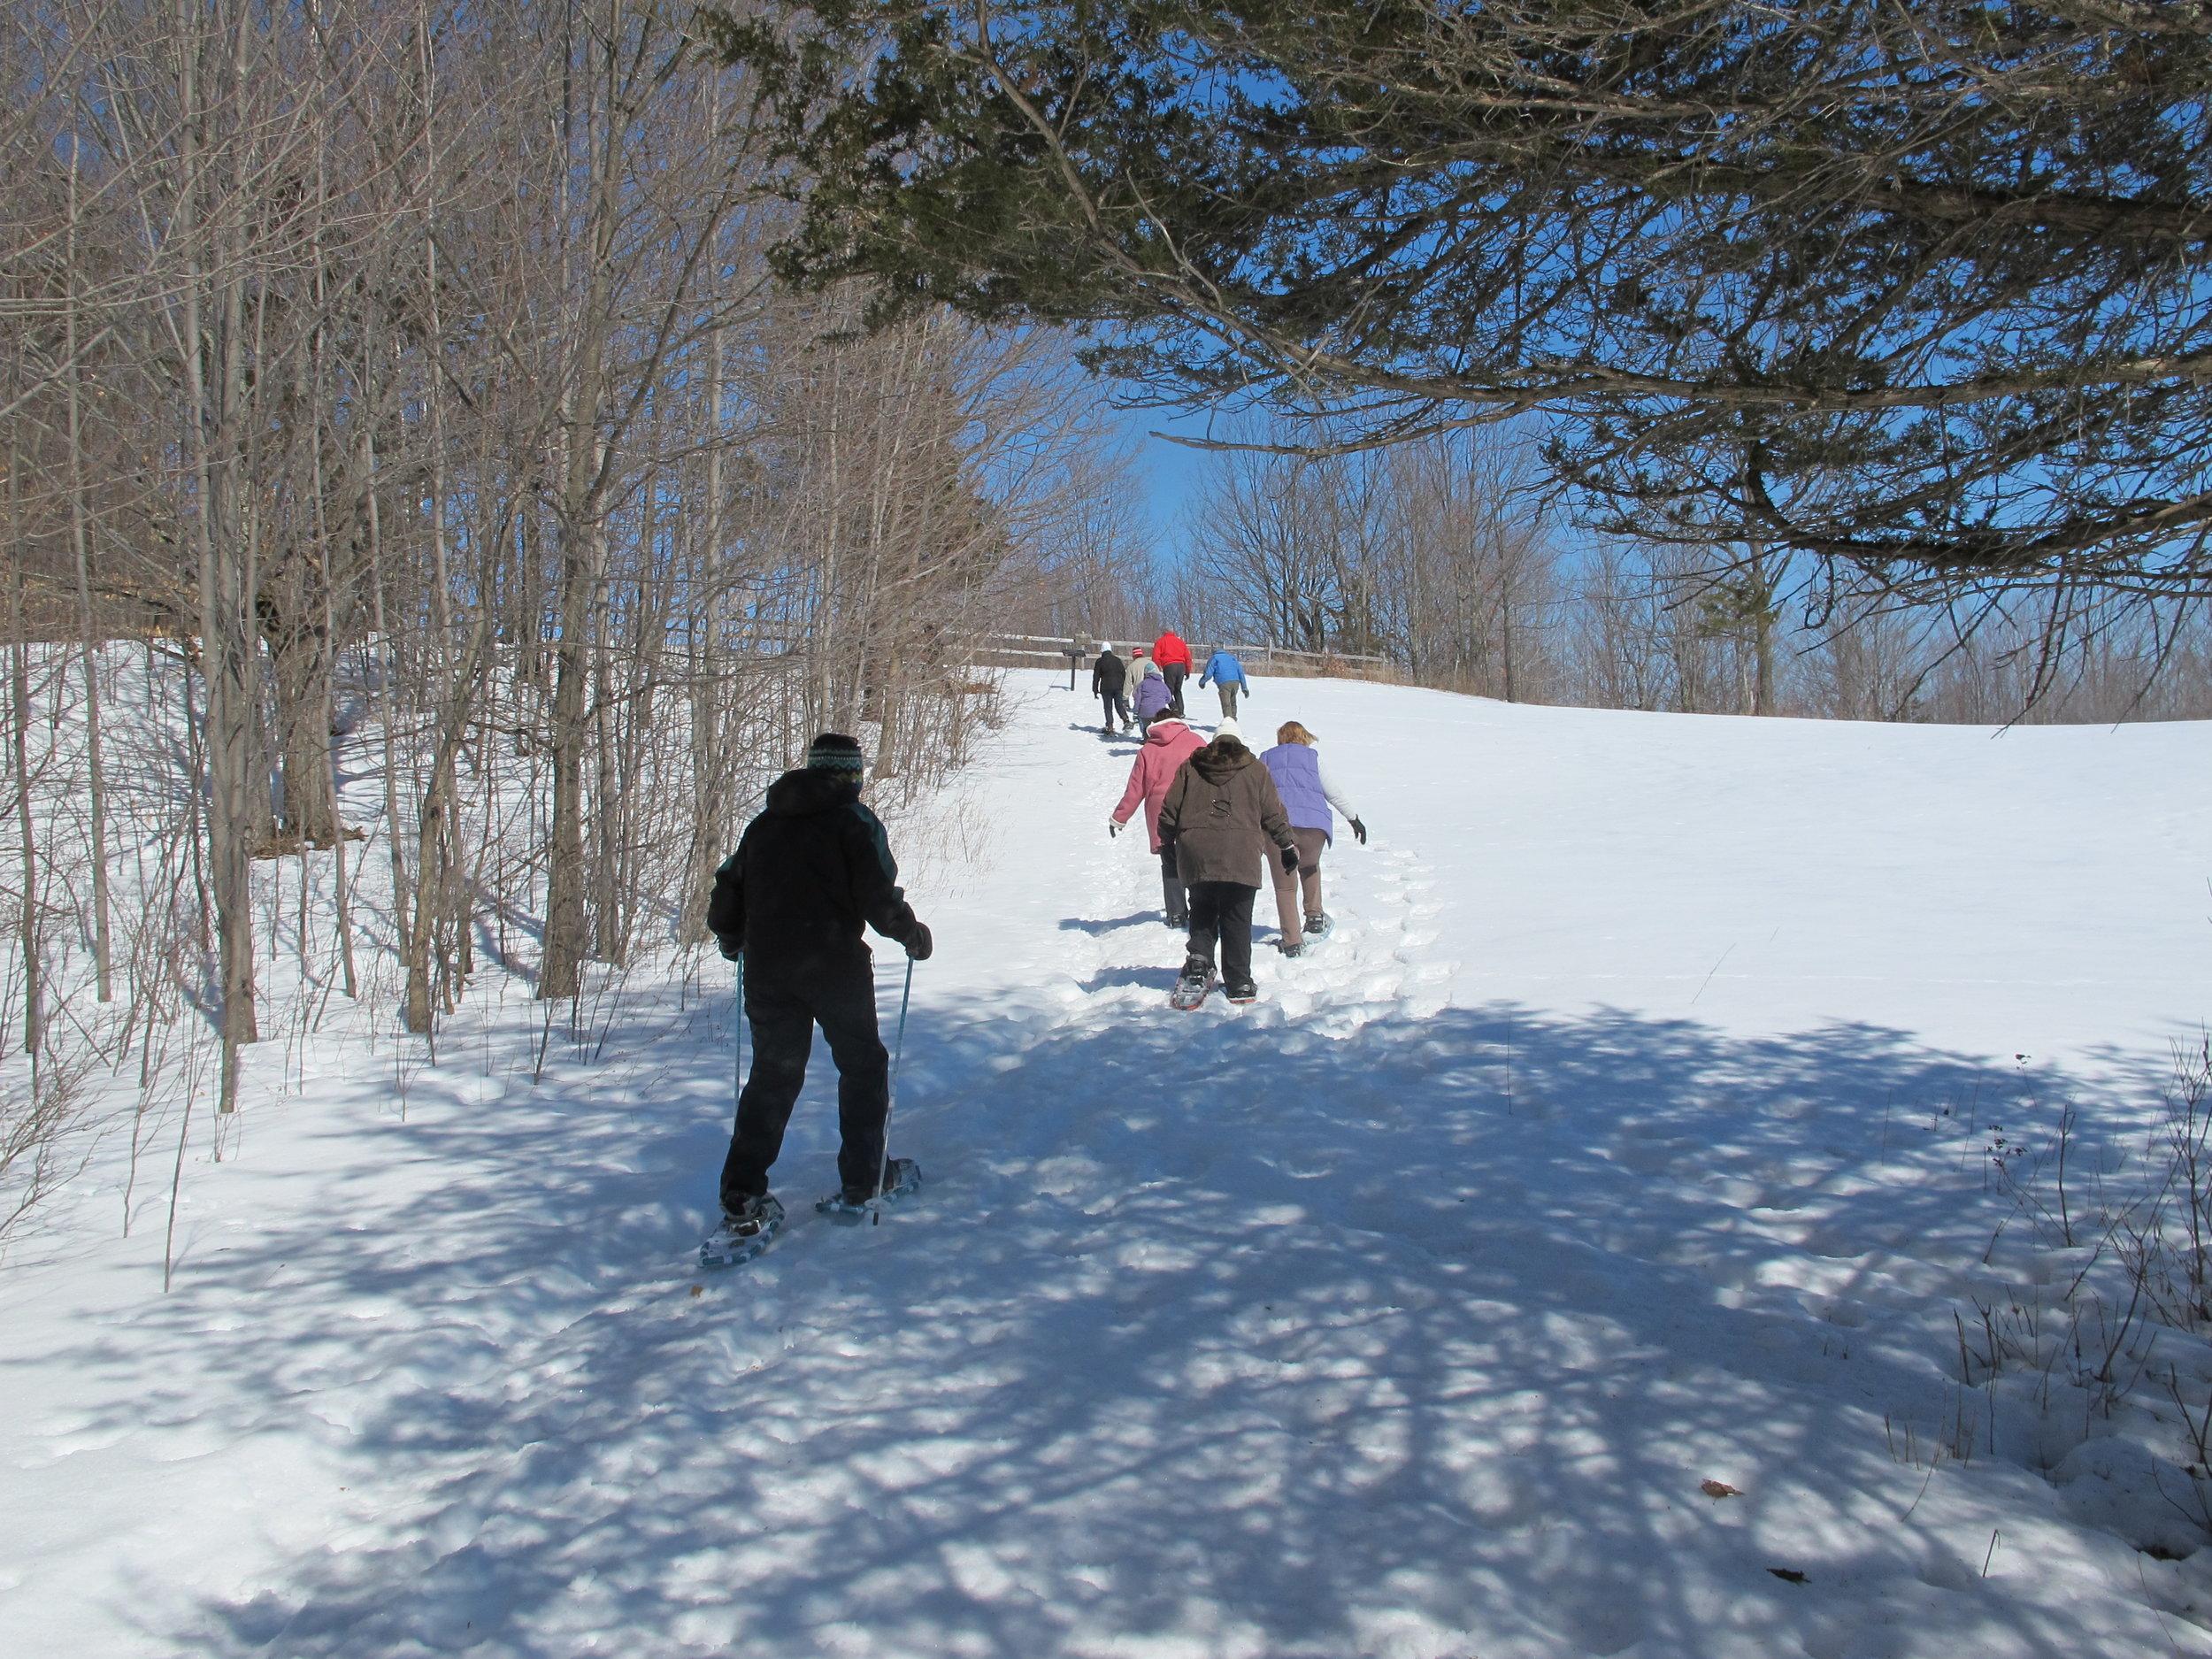 Landis Arboretum snowshoe hike